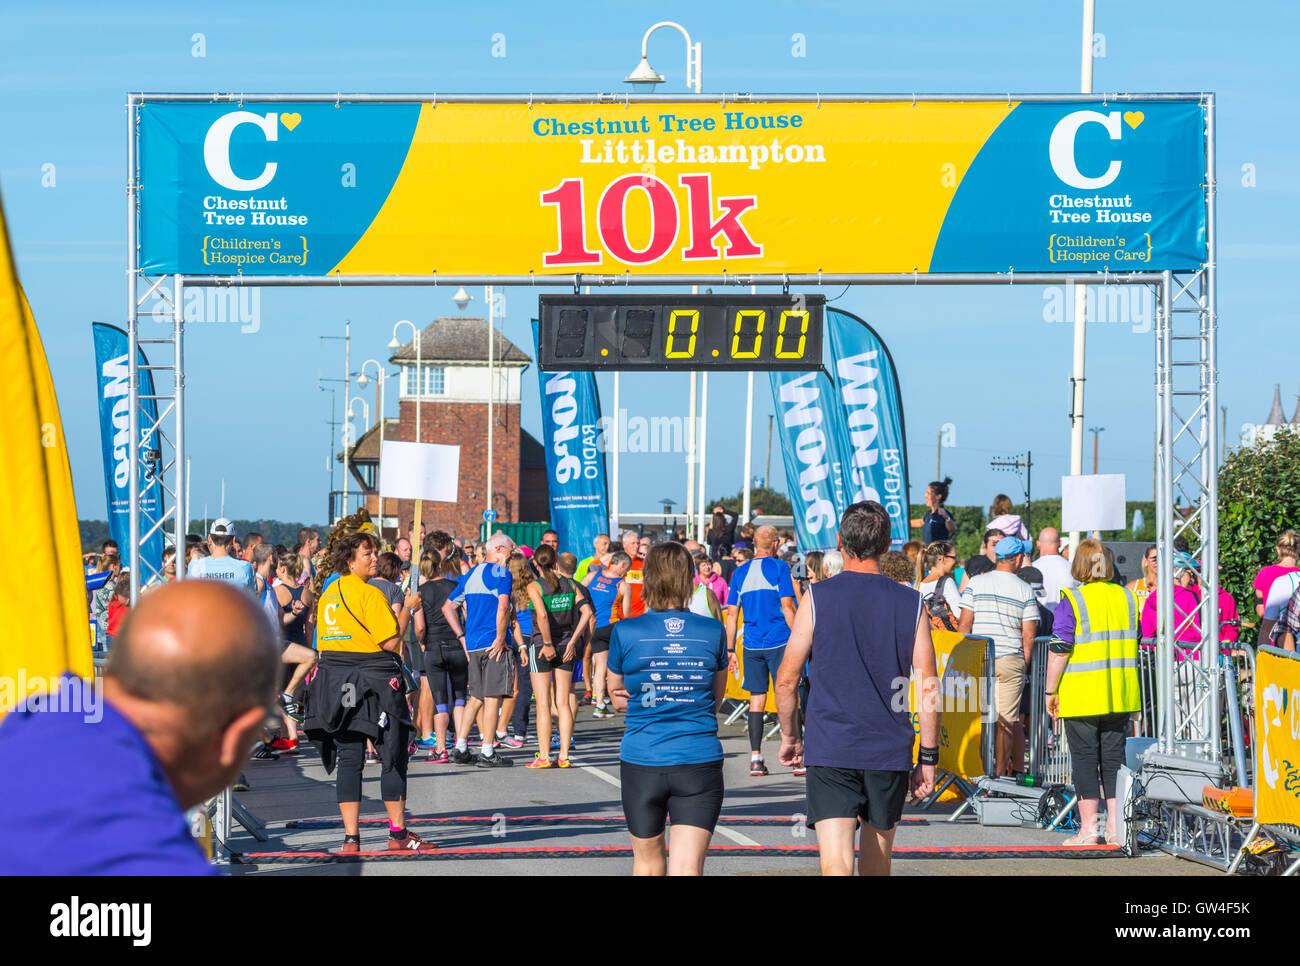 Littlehampton, West Sussex, UK. 11. September 2016. Bevor das Rennen beginnt an der Kastanie Haus 10 k Spendenlauf Stockbild